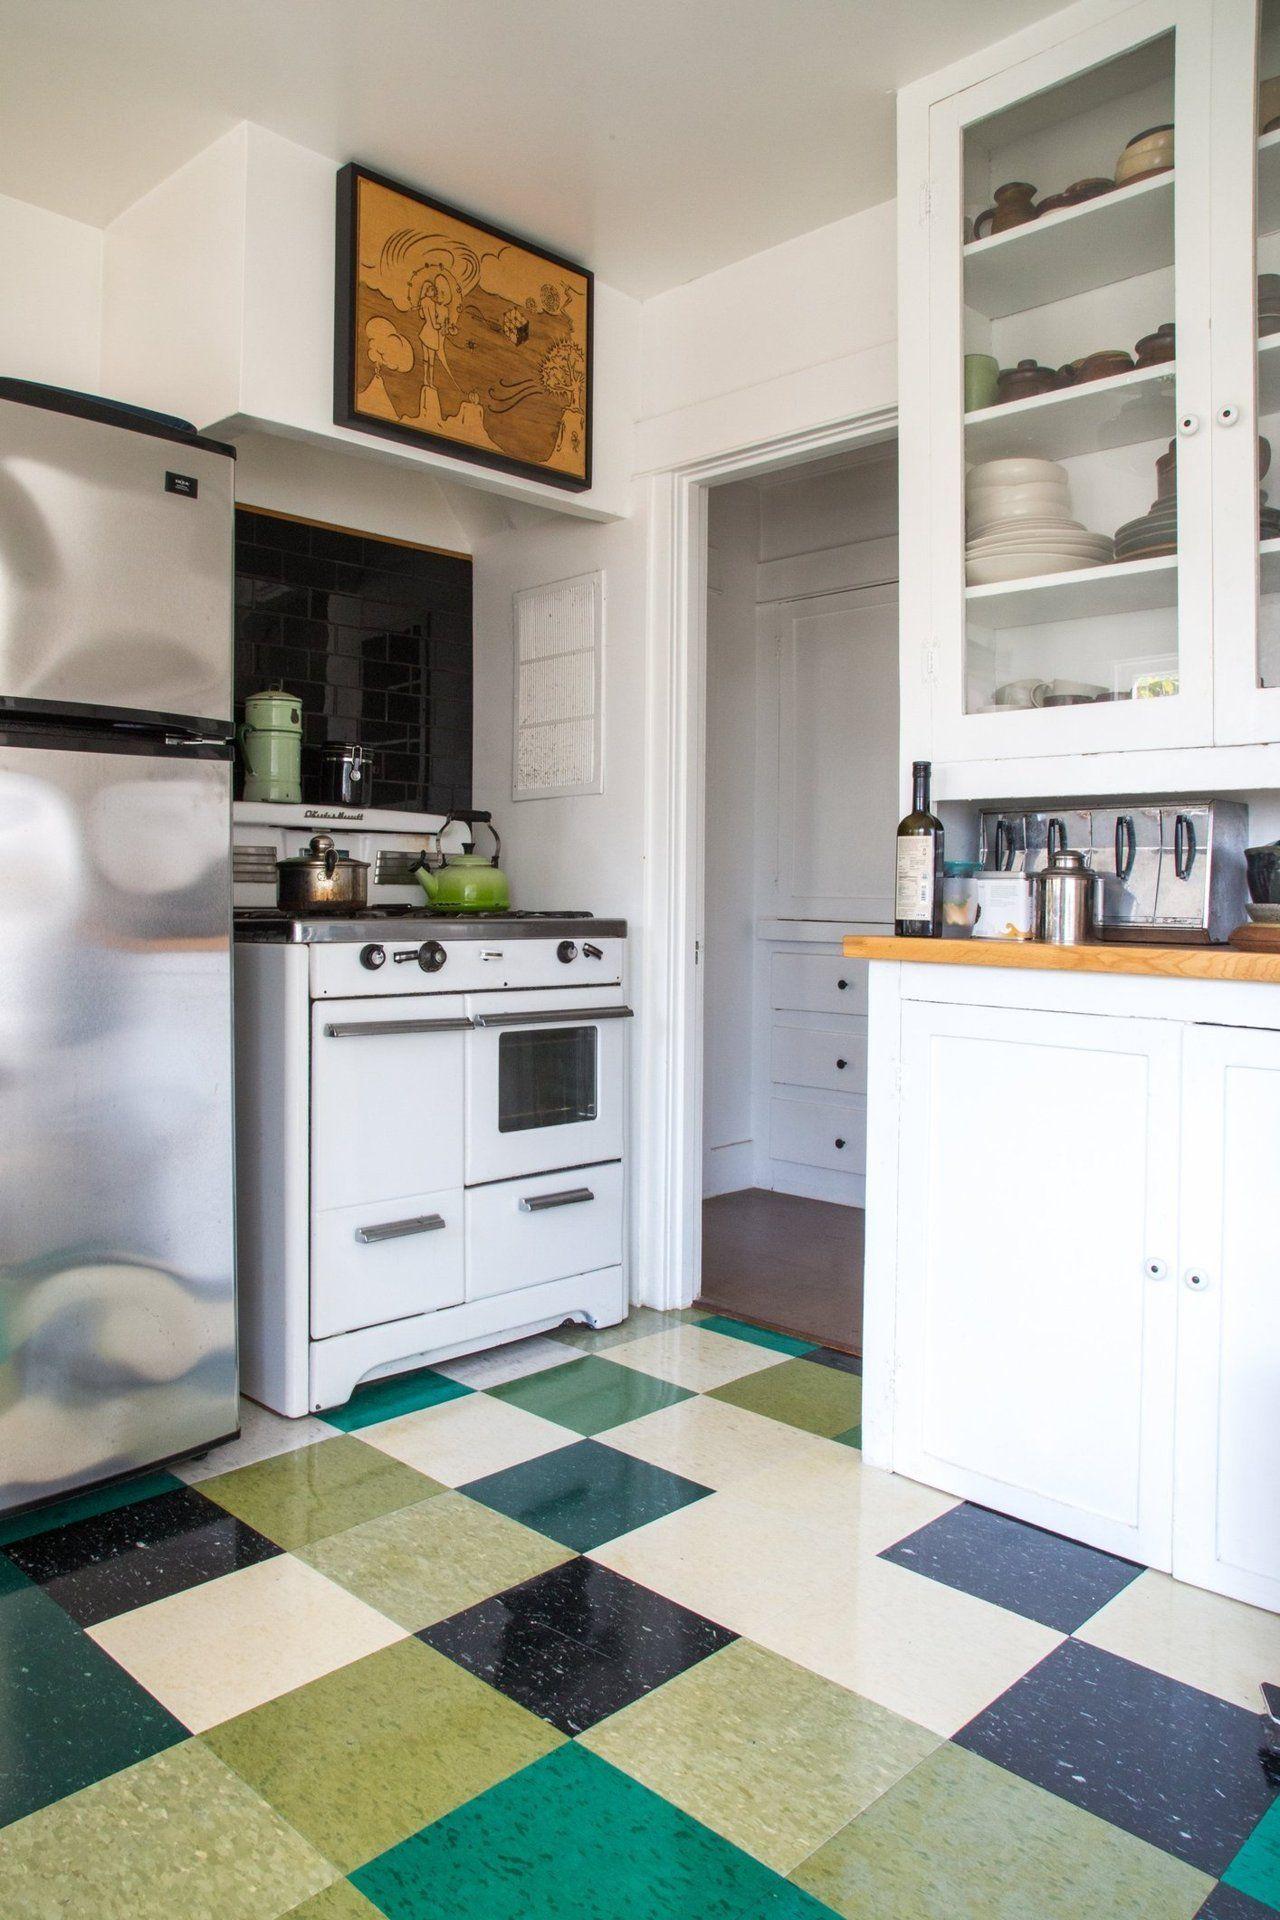 erin s eclectic mystic home traveling tarot caravan in. Black Bedroom Furniture Sets. Home Design Ideas